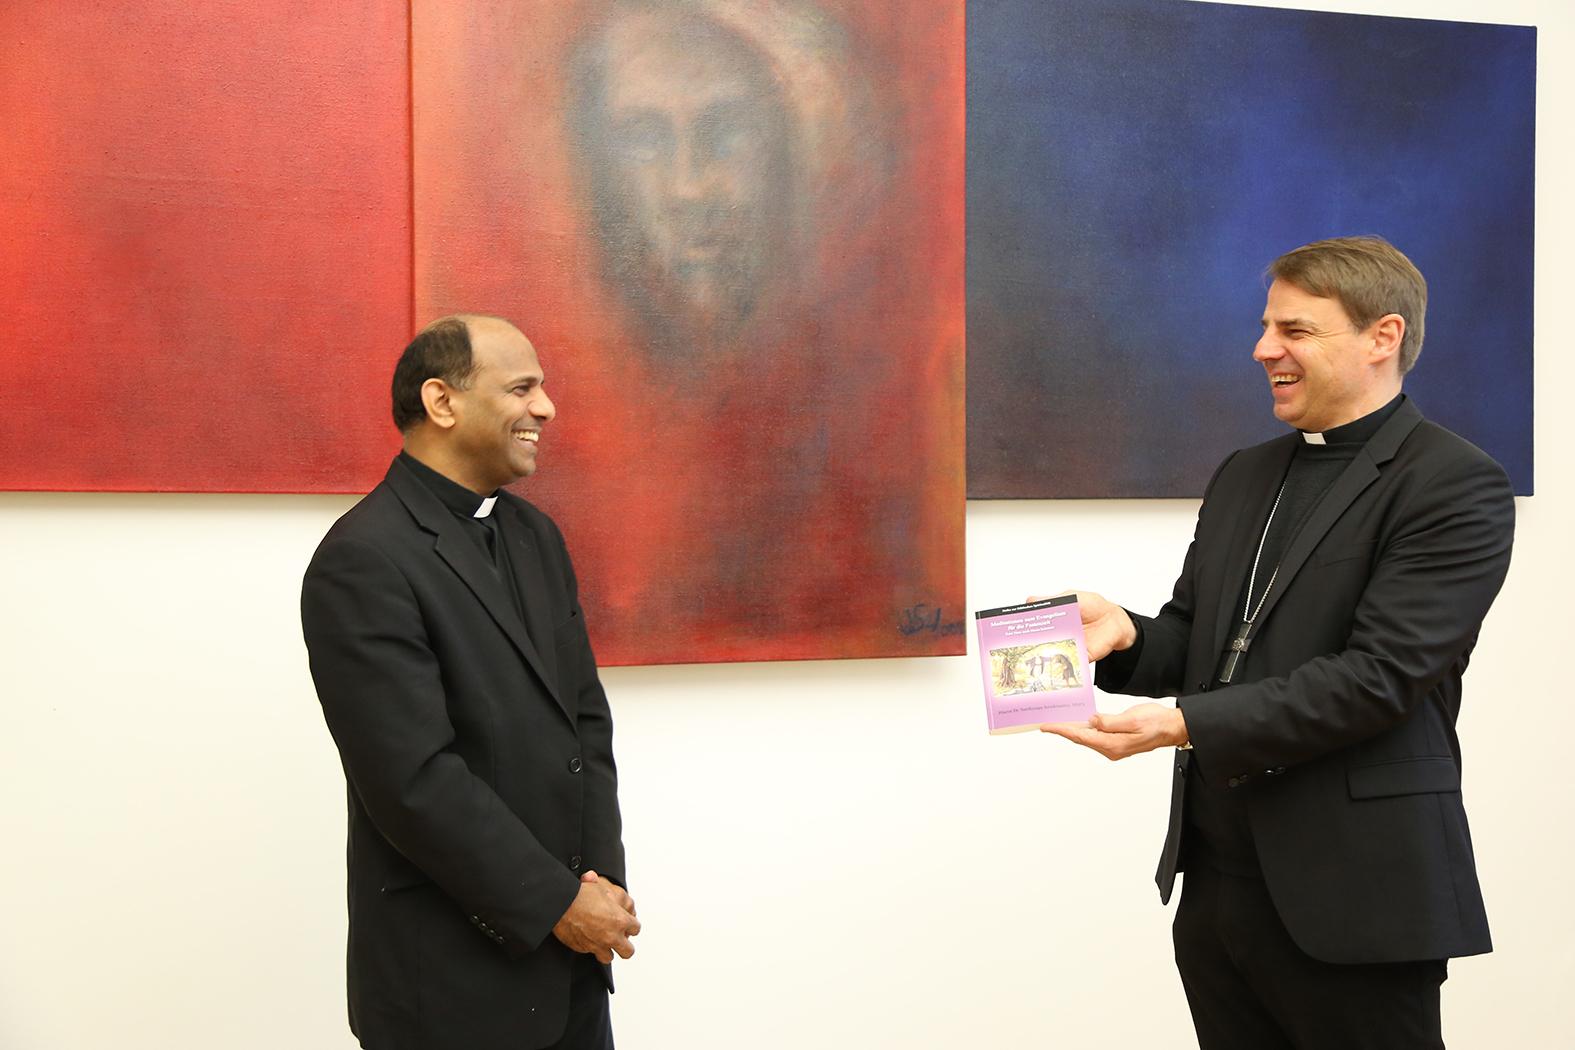 Bischof Stefan Oster und Pater Joseph Sebastio